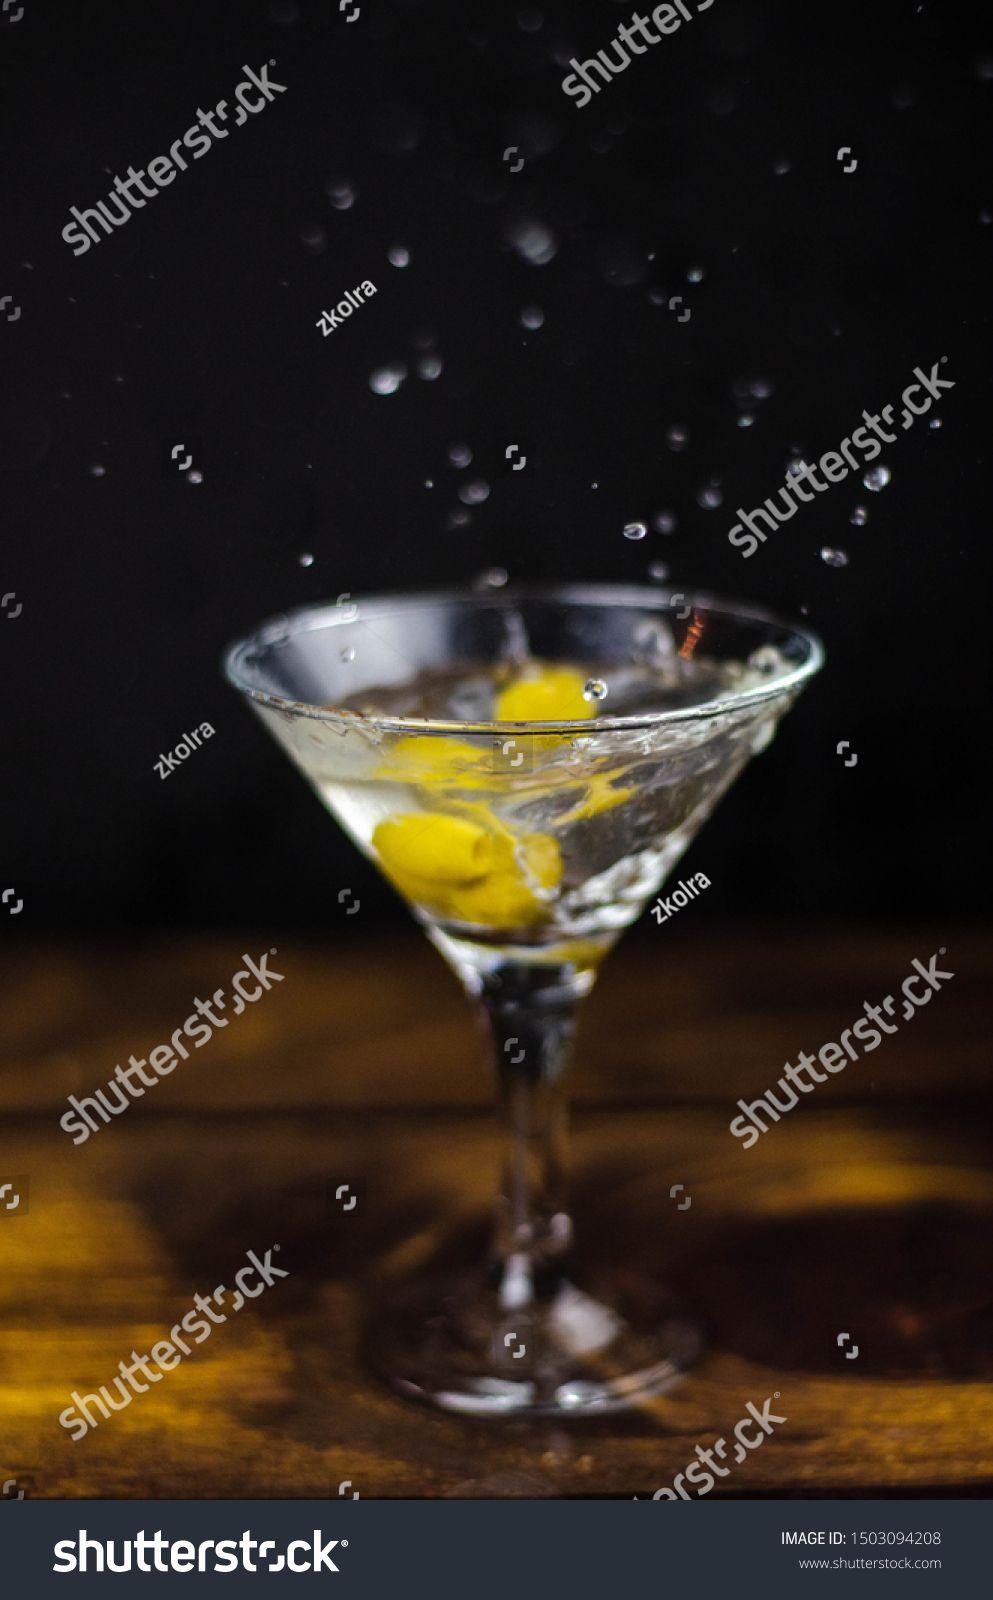 Martini glass with olive splash on dark background